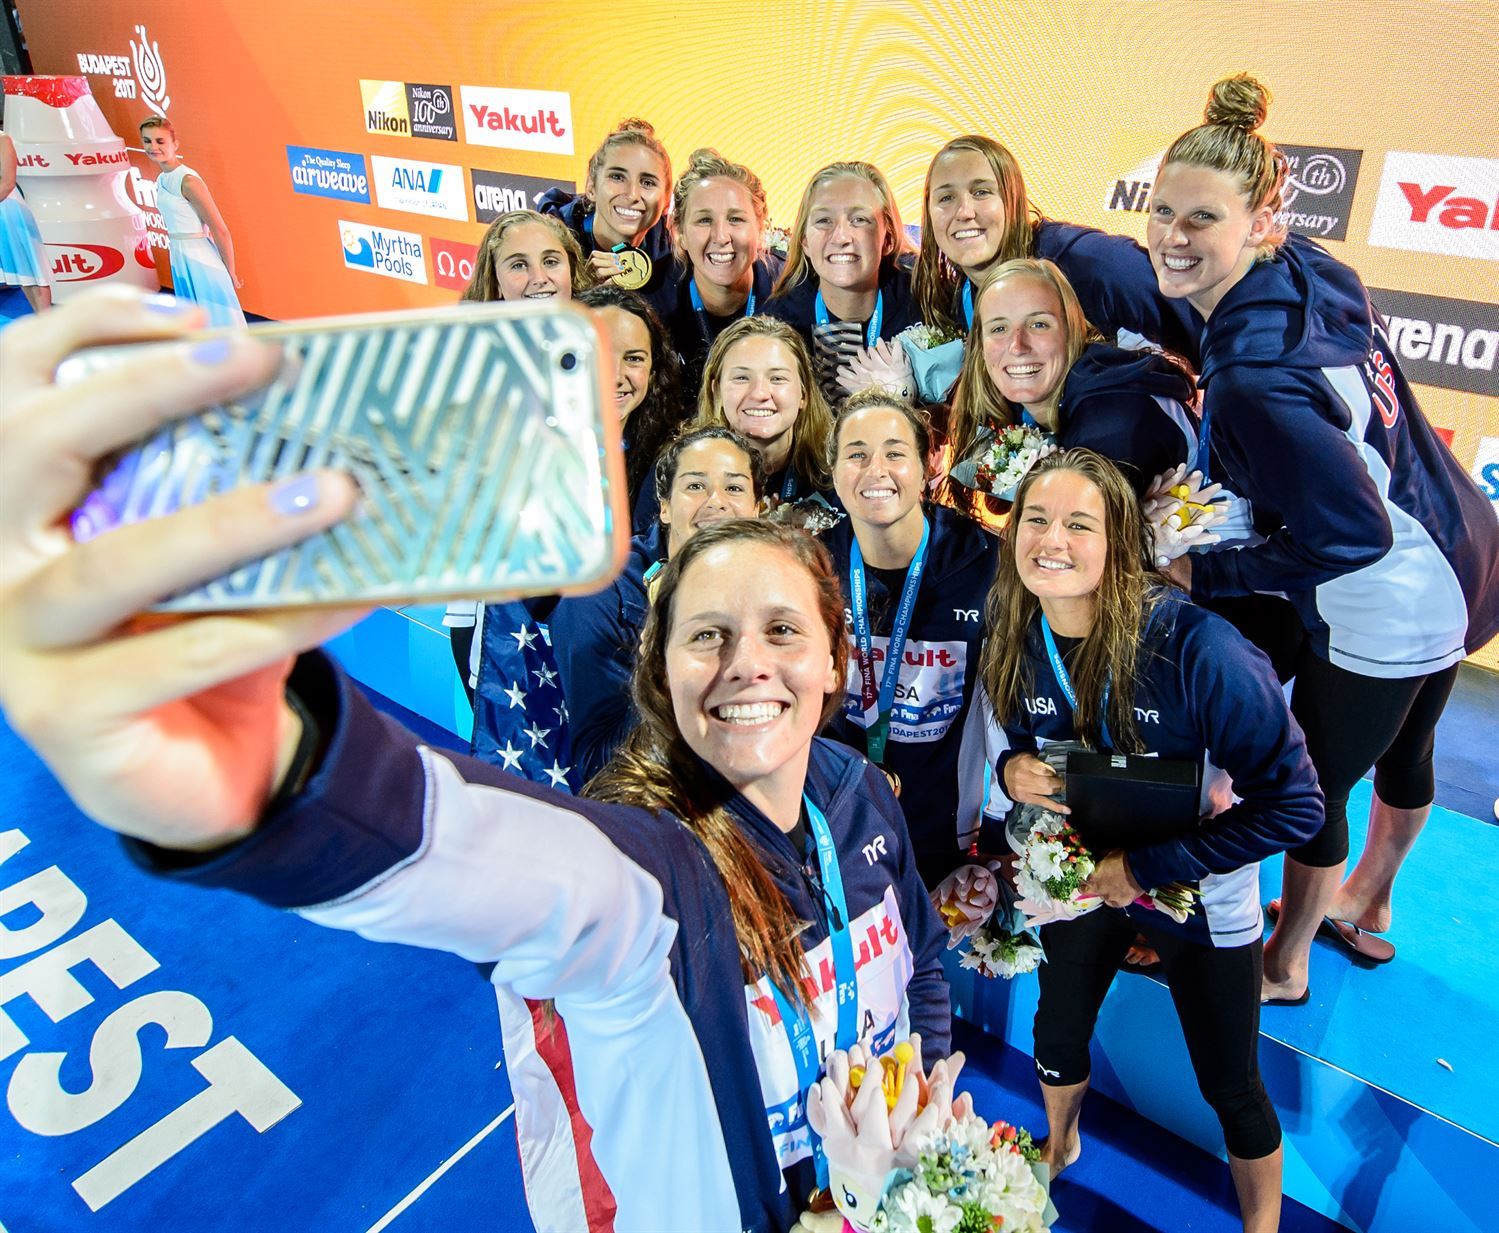 USA Water Polo - USA Women's Water Polo